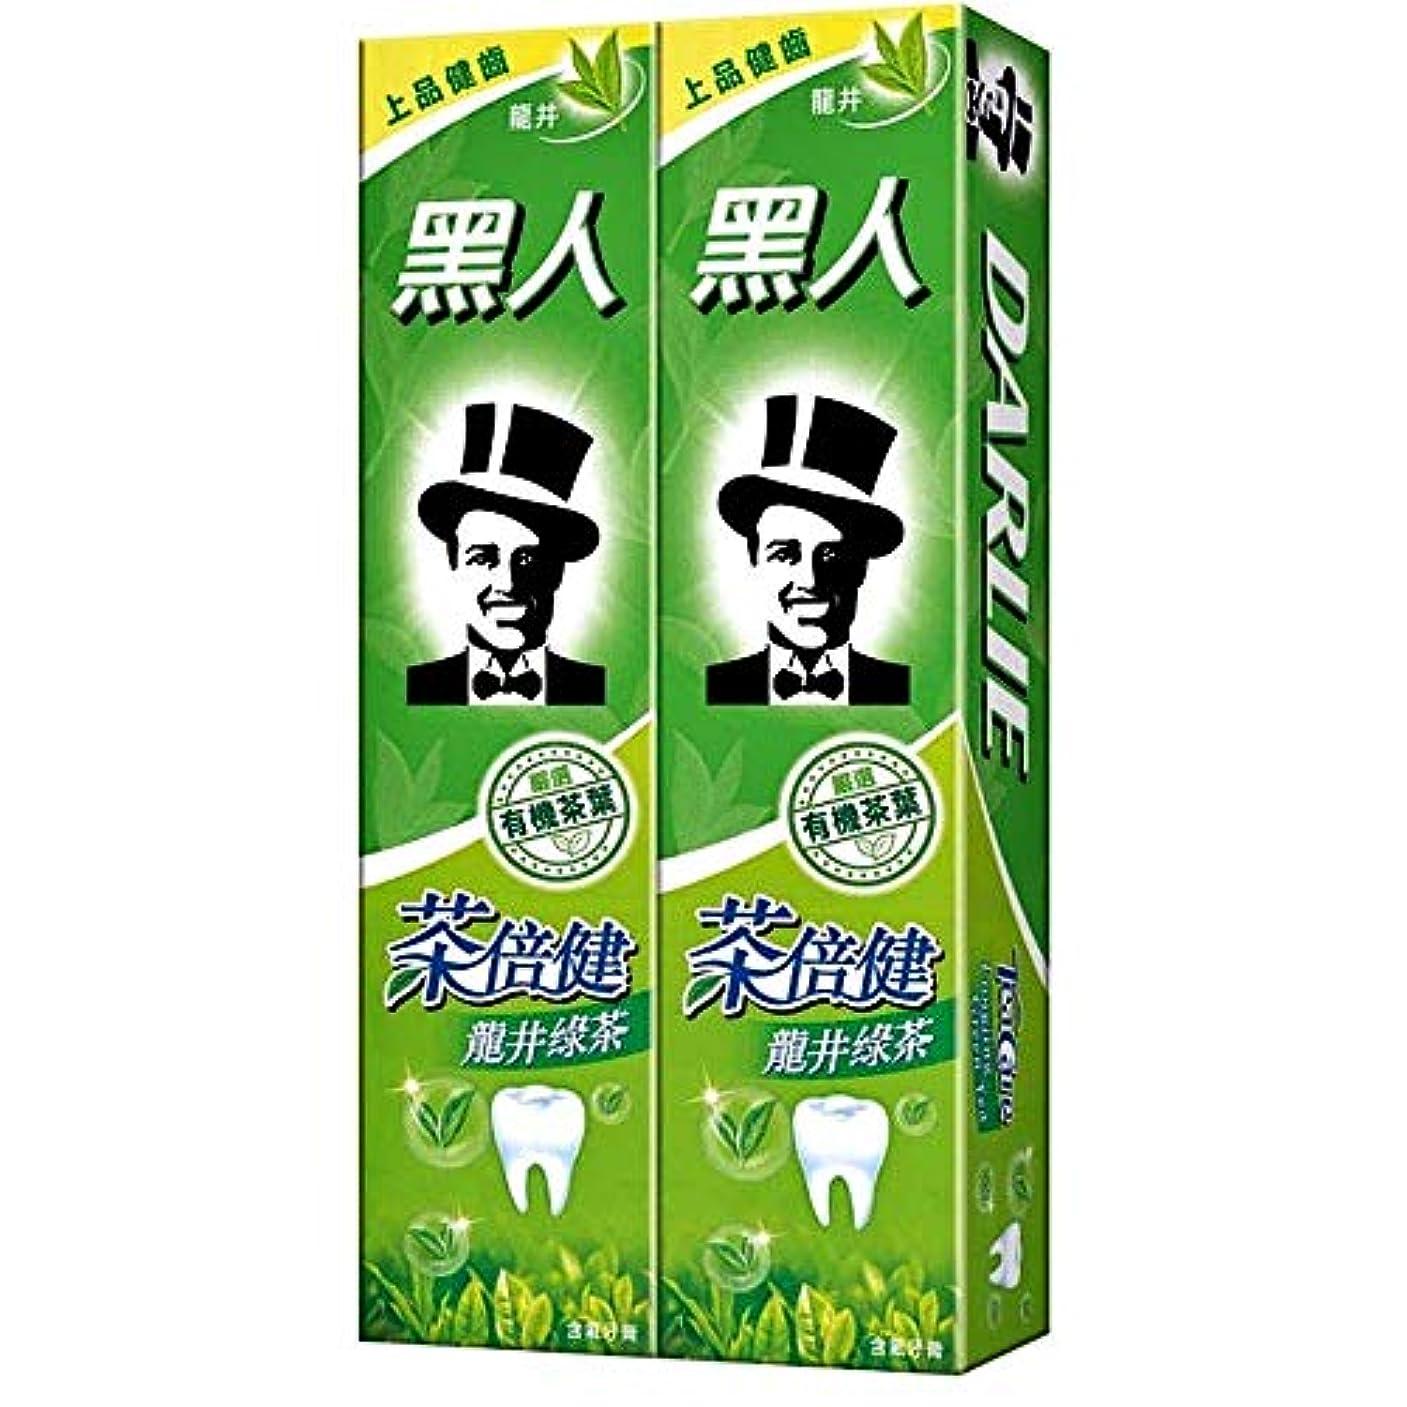 錆びクレタ登場黑人 茶倍健 龍井緑茶 緑茶成分歯磨き粉配合160g×2 [並行輸入品]